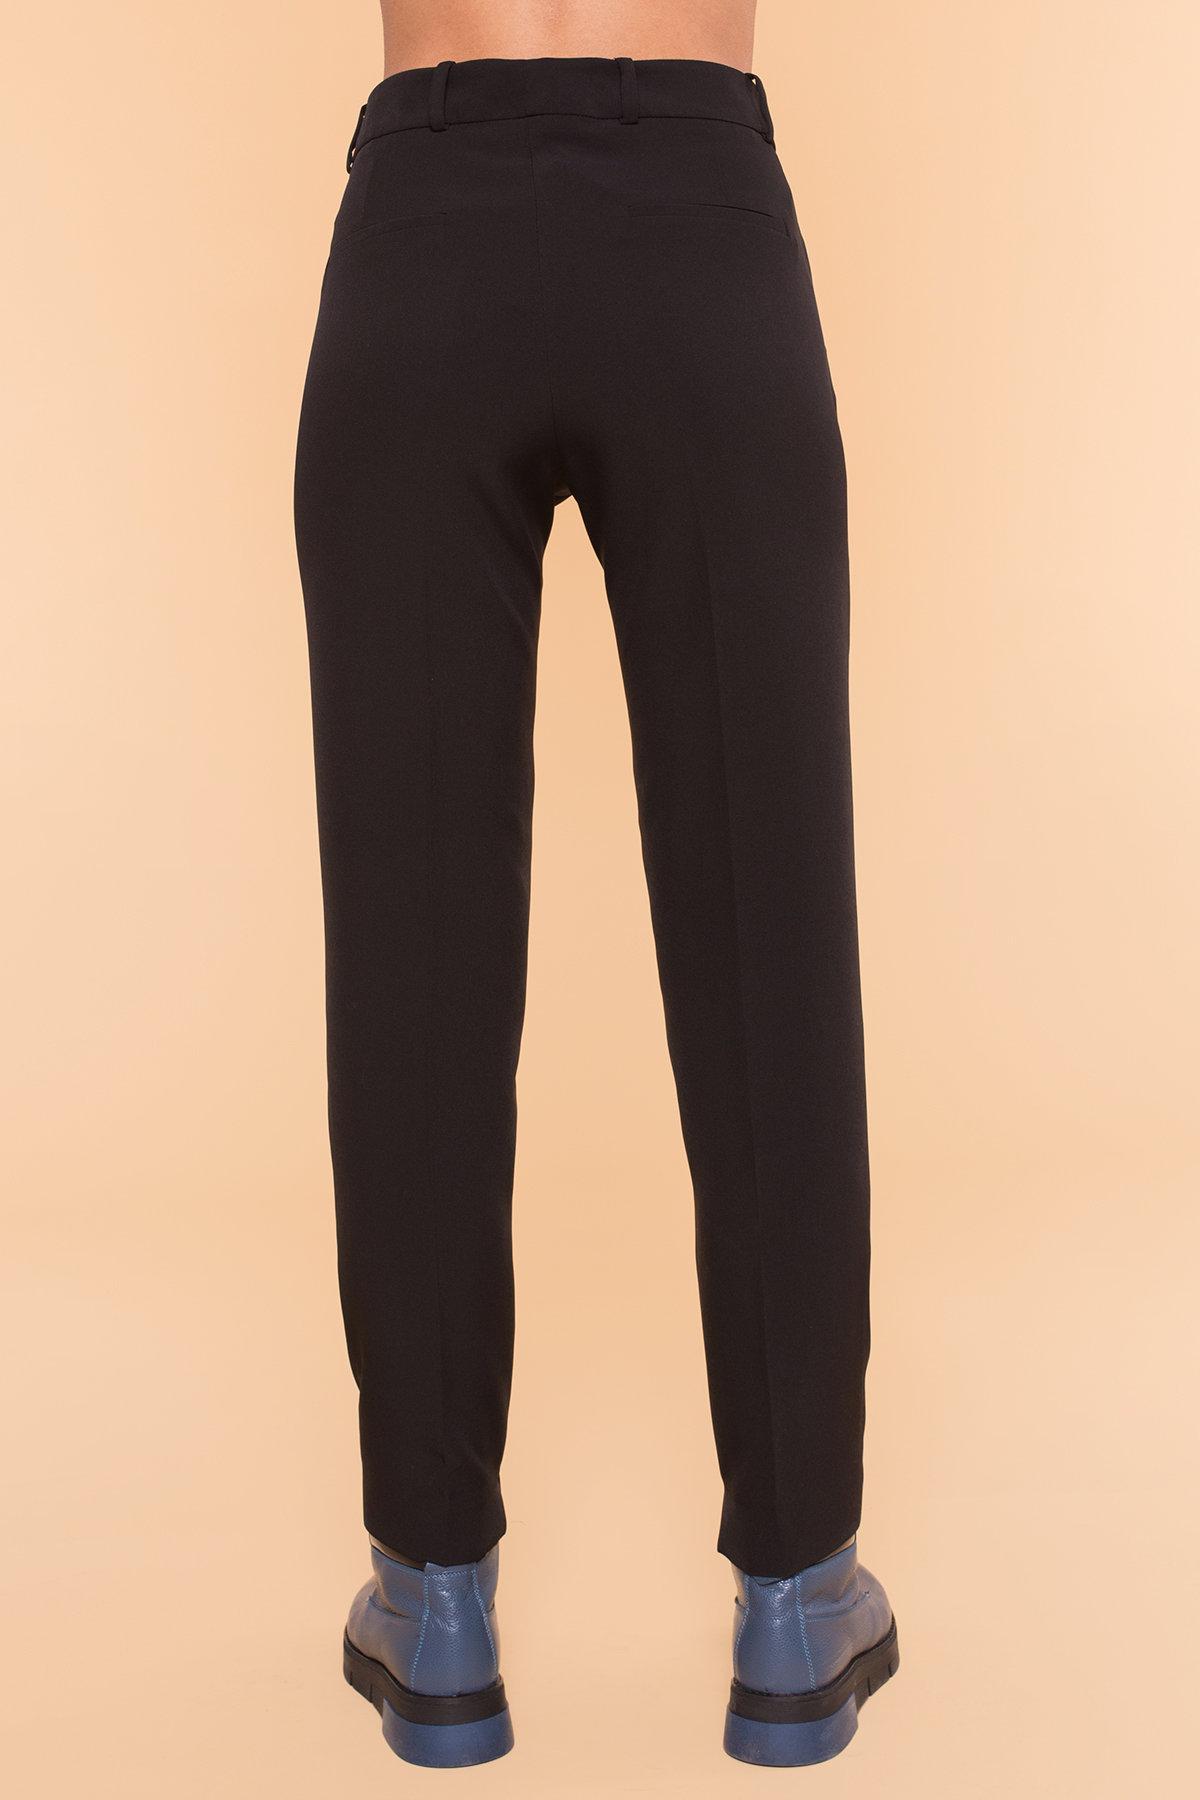 Базовые брюки со стрелками Эдвин 2467 АРТ. 16304 Цвет: Черный - фото 8, интернет магазин tm-modus.ru